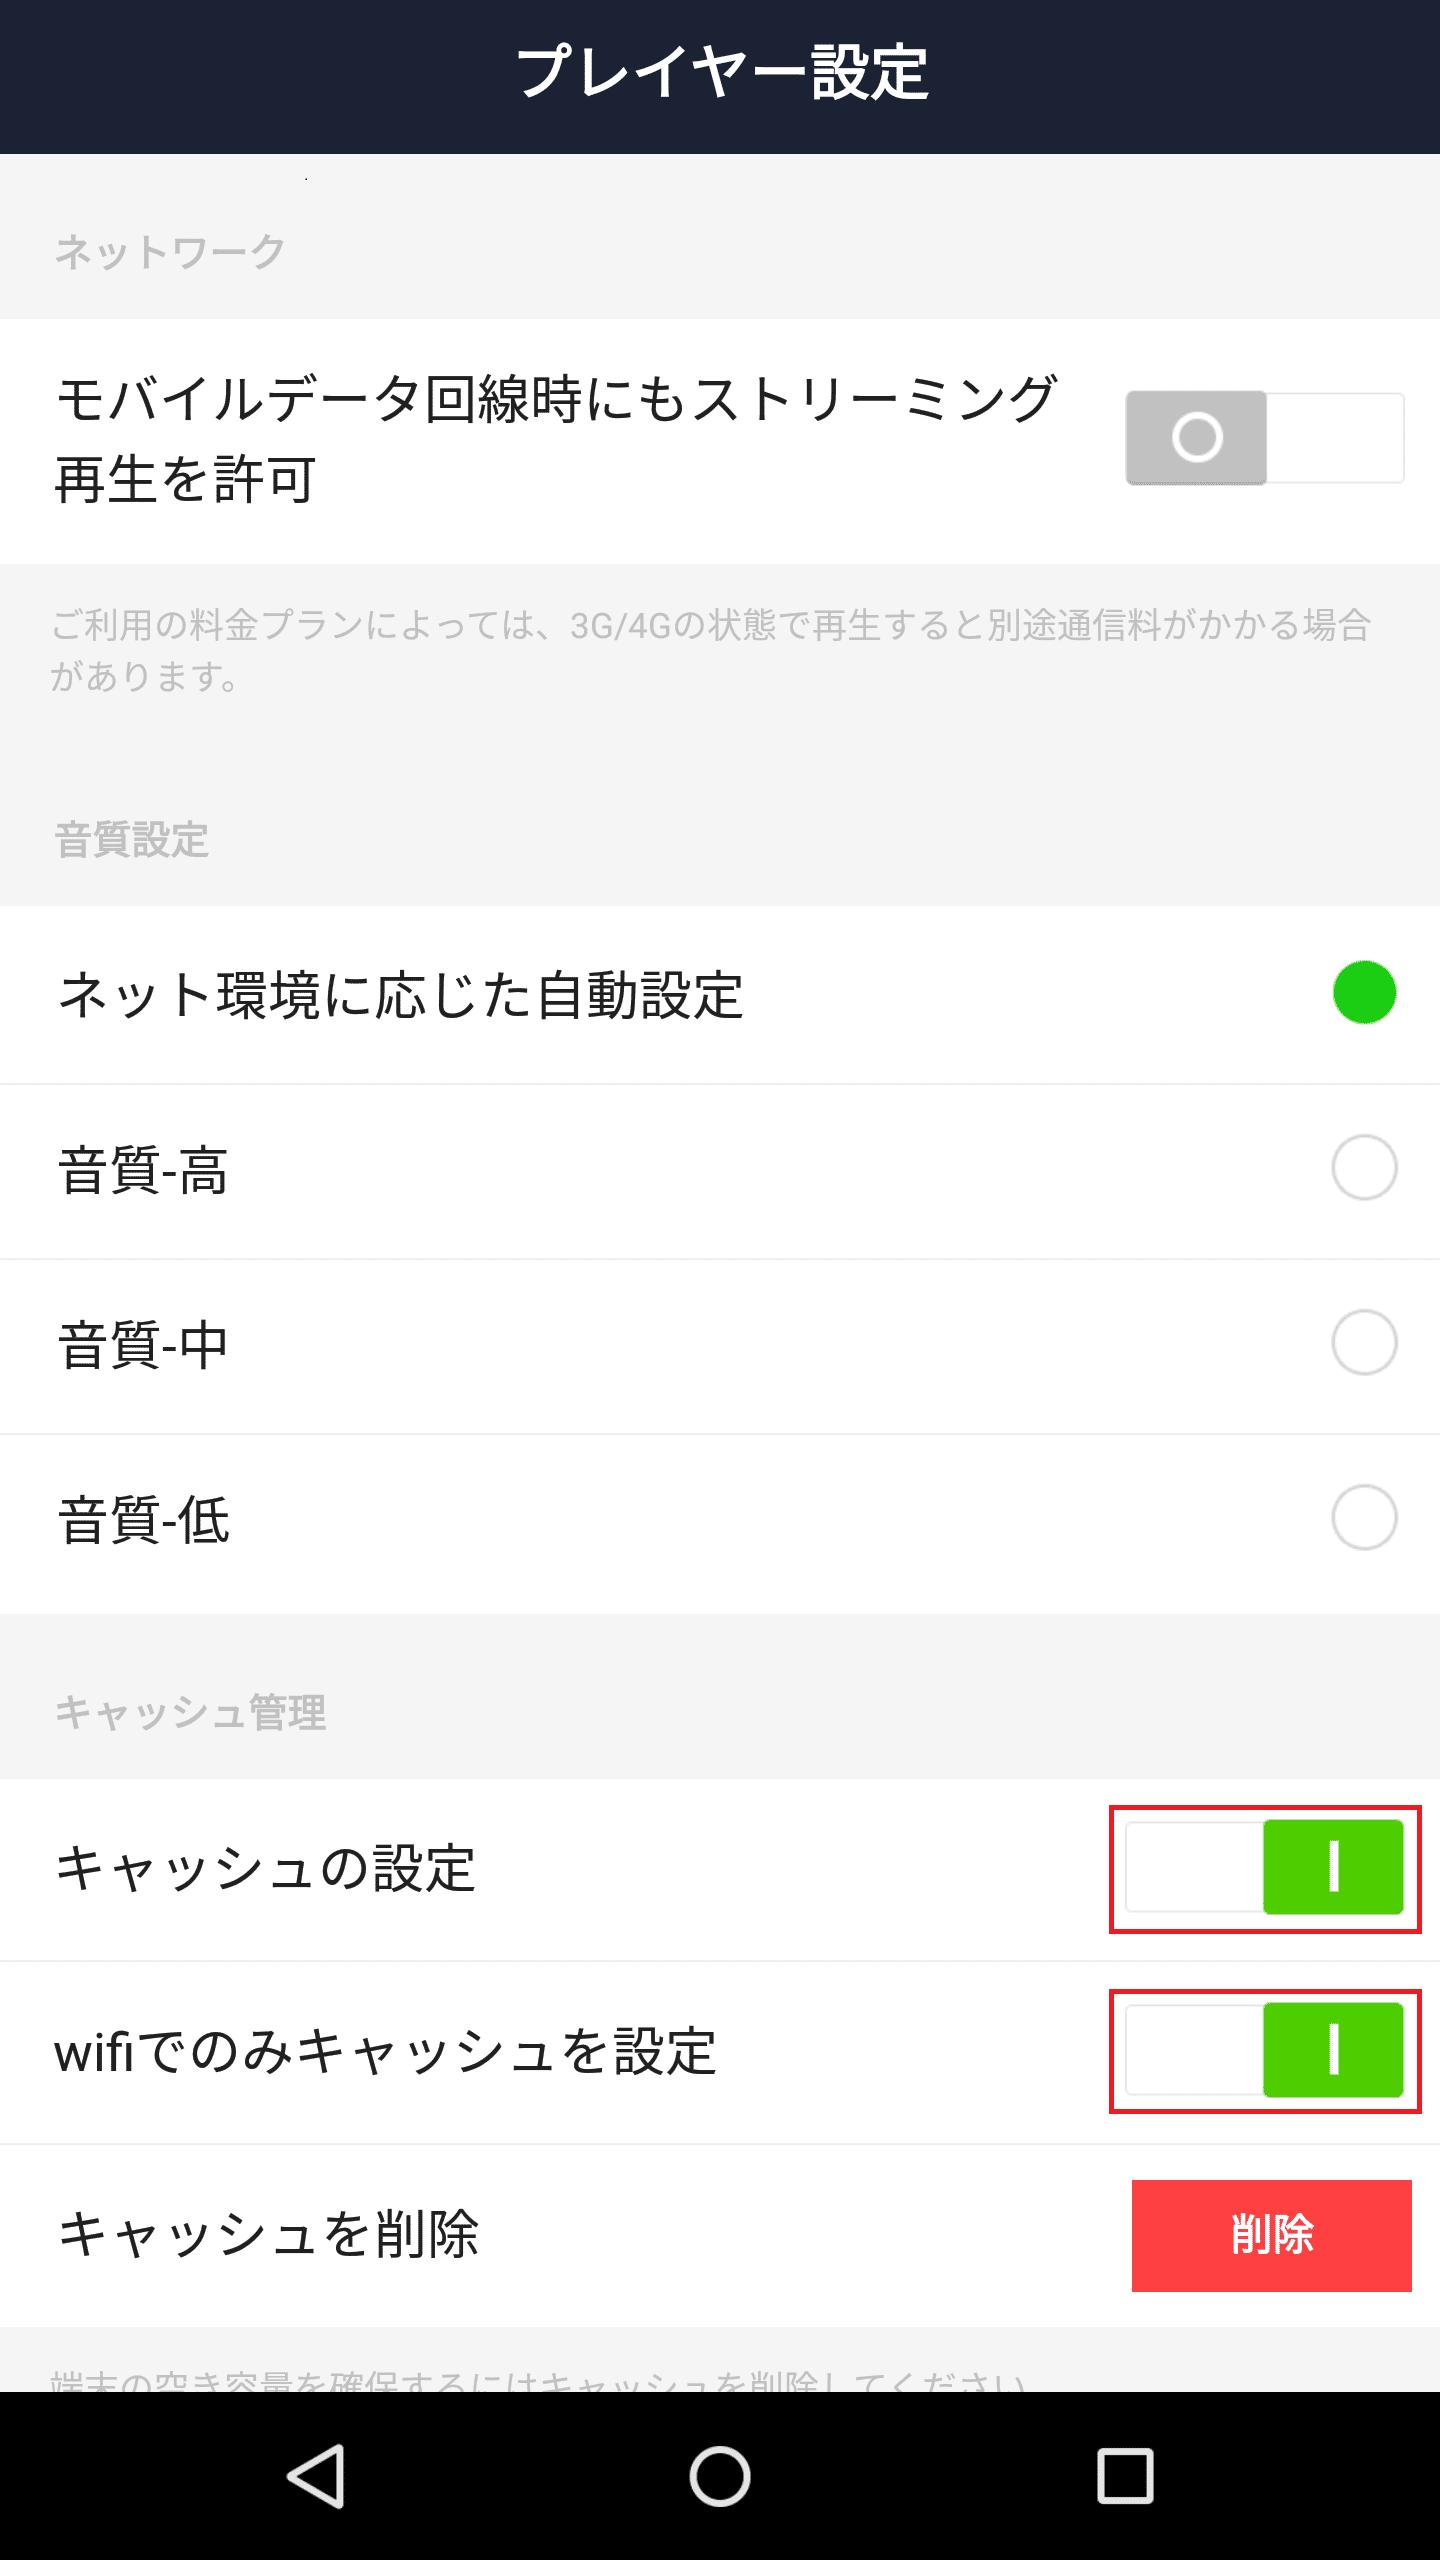 できない line キャッシュ 削除